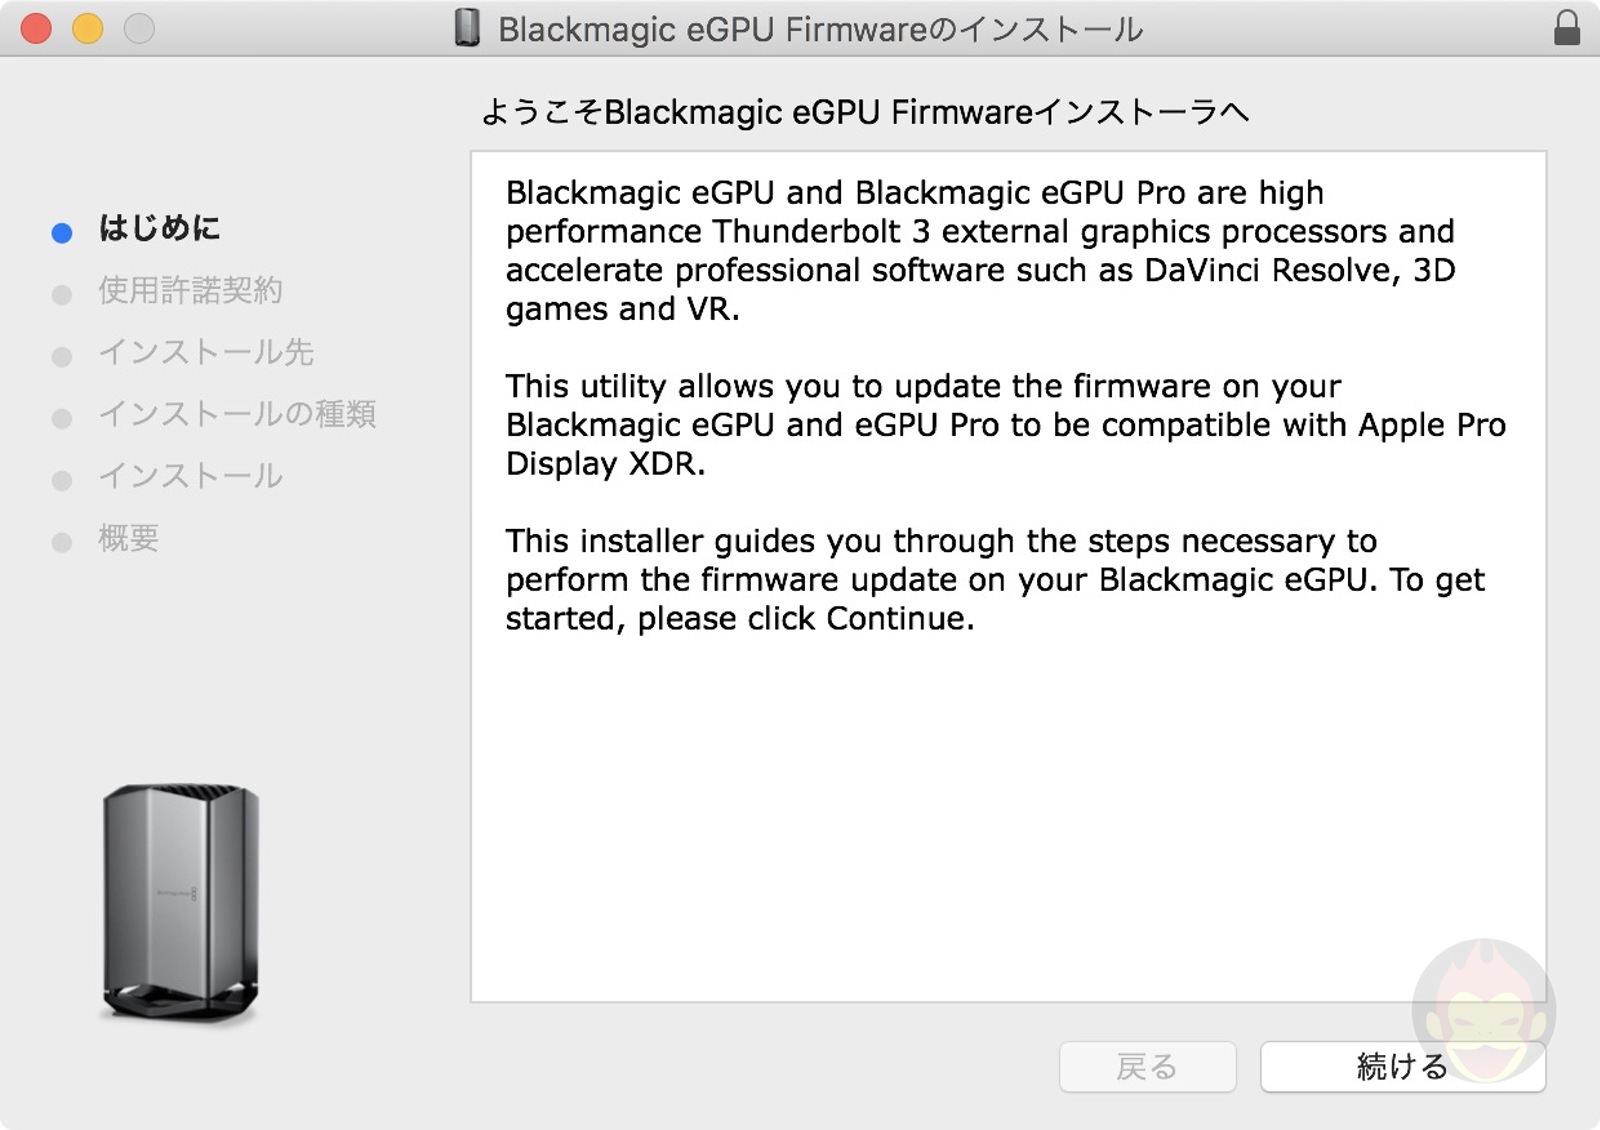 Blackmagic eGPU Firmware update 01